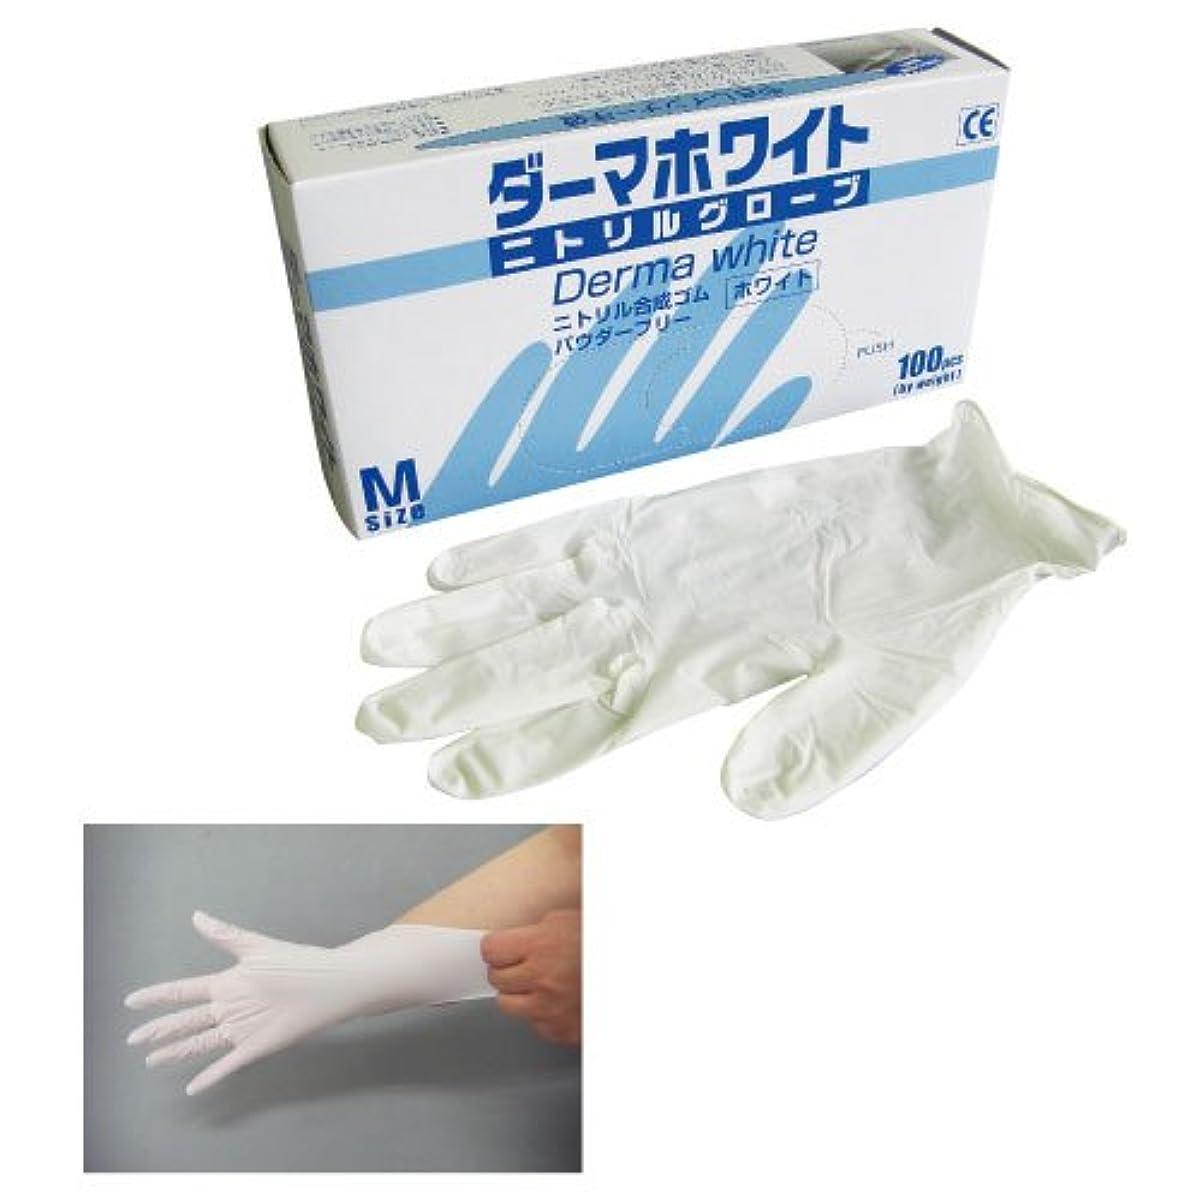 クリケット花輪取り扱いダーマホワイト ニトリル手袋PF ?????????????????PF(23-3770-00)GN01(SS)100??